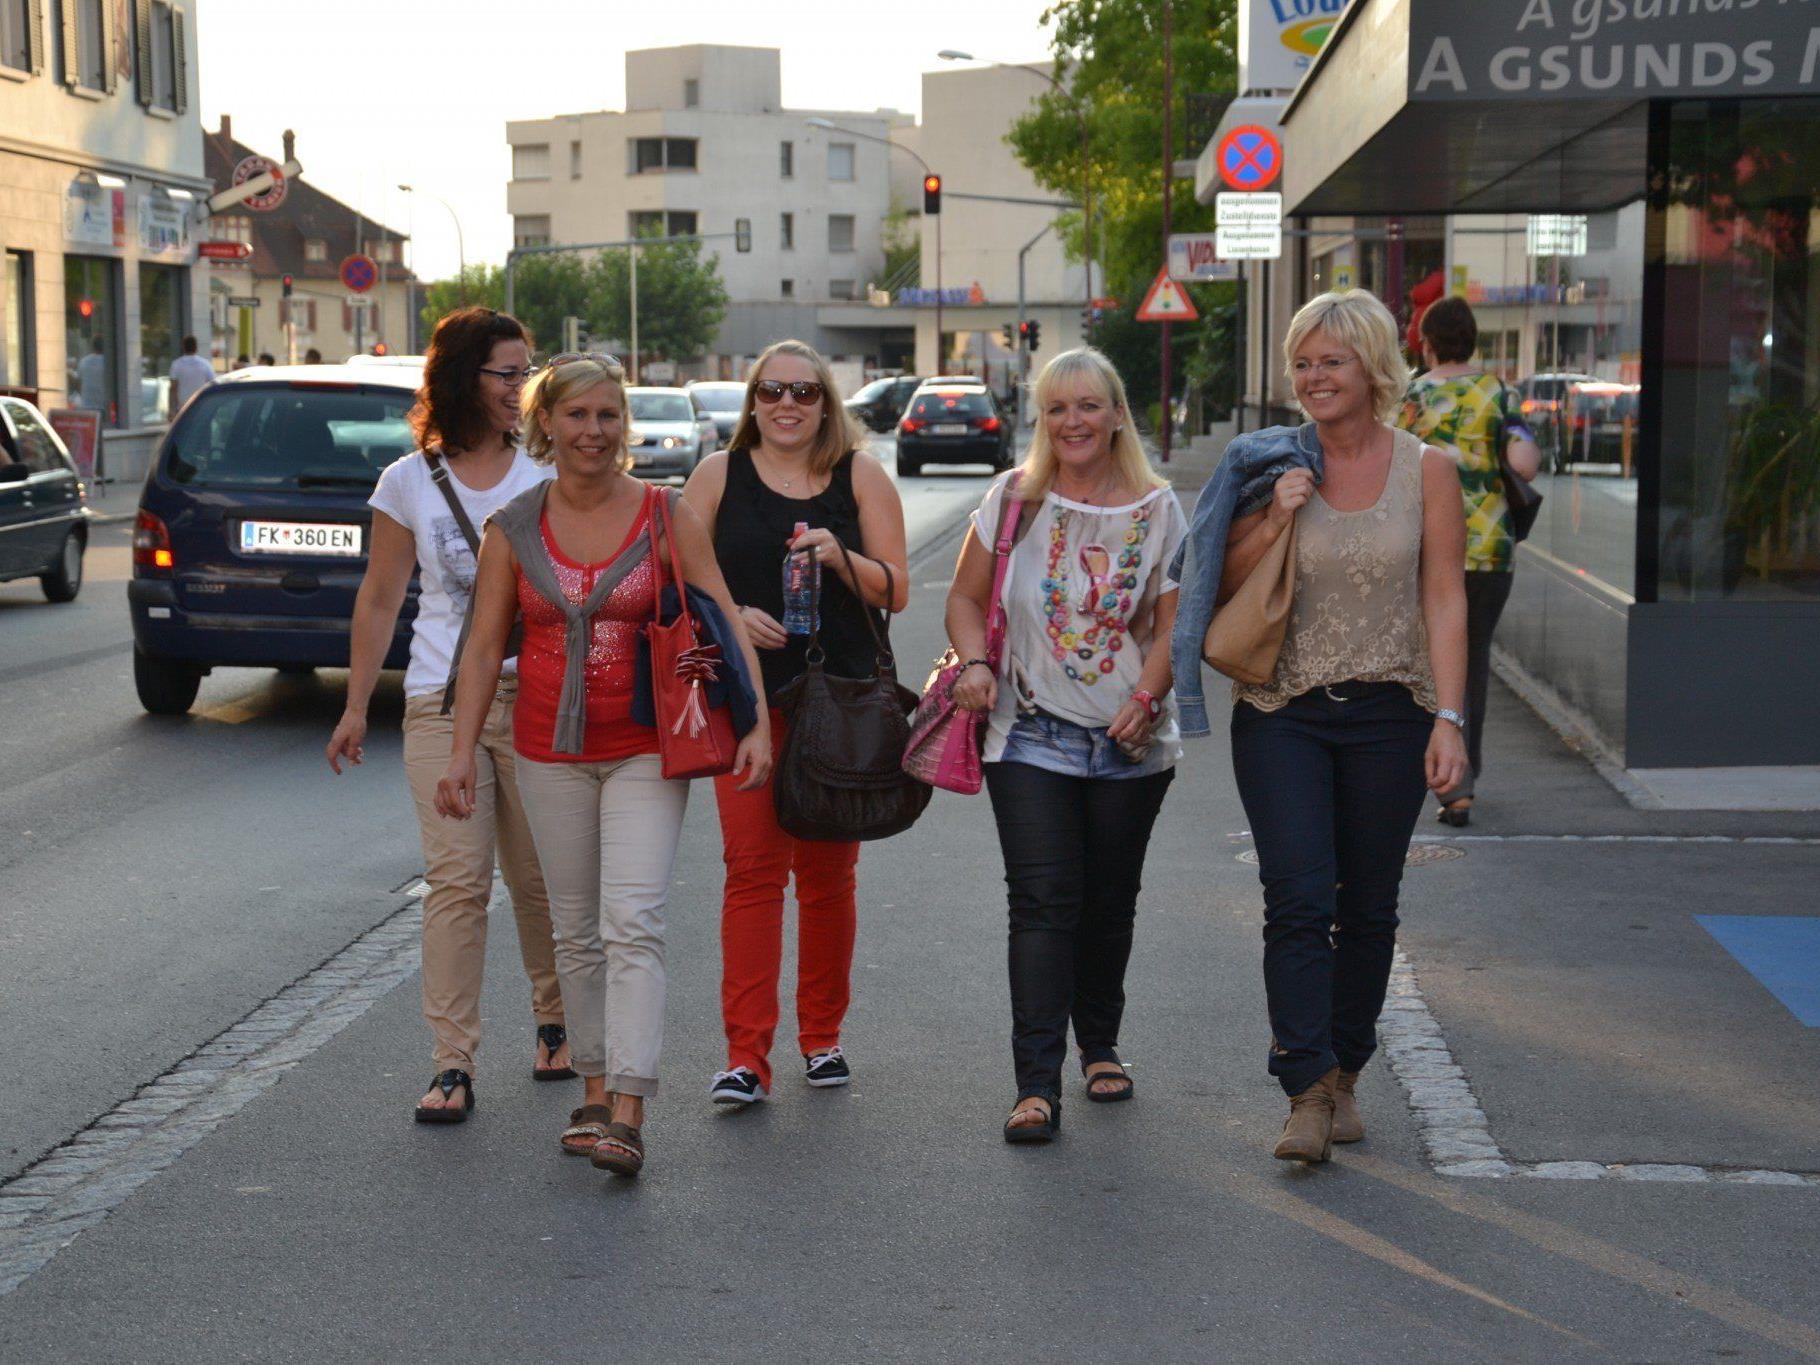 Das Zentrum von Götzis verwandelte sich in der Lifestyle- und Modenacht in eine große Flanierzone